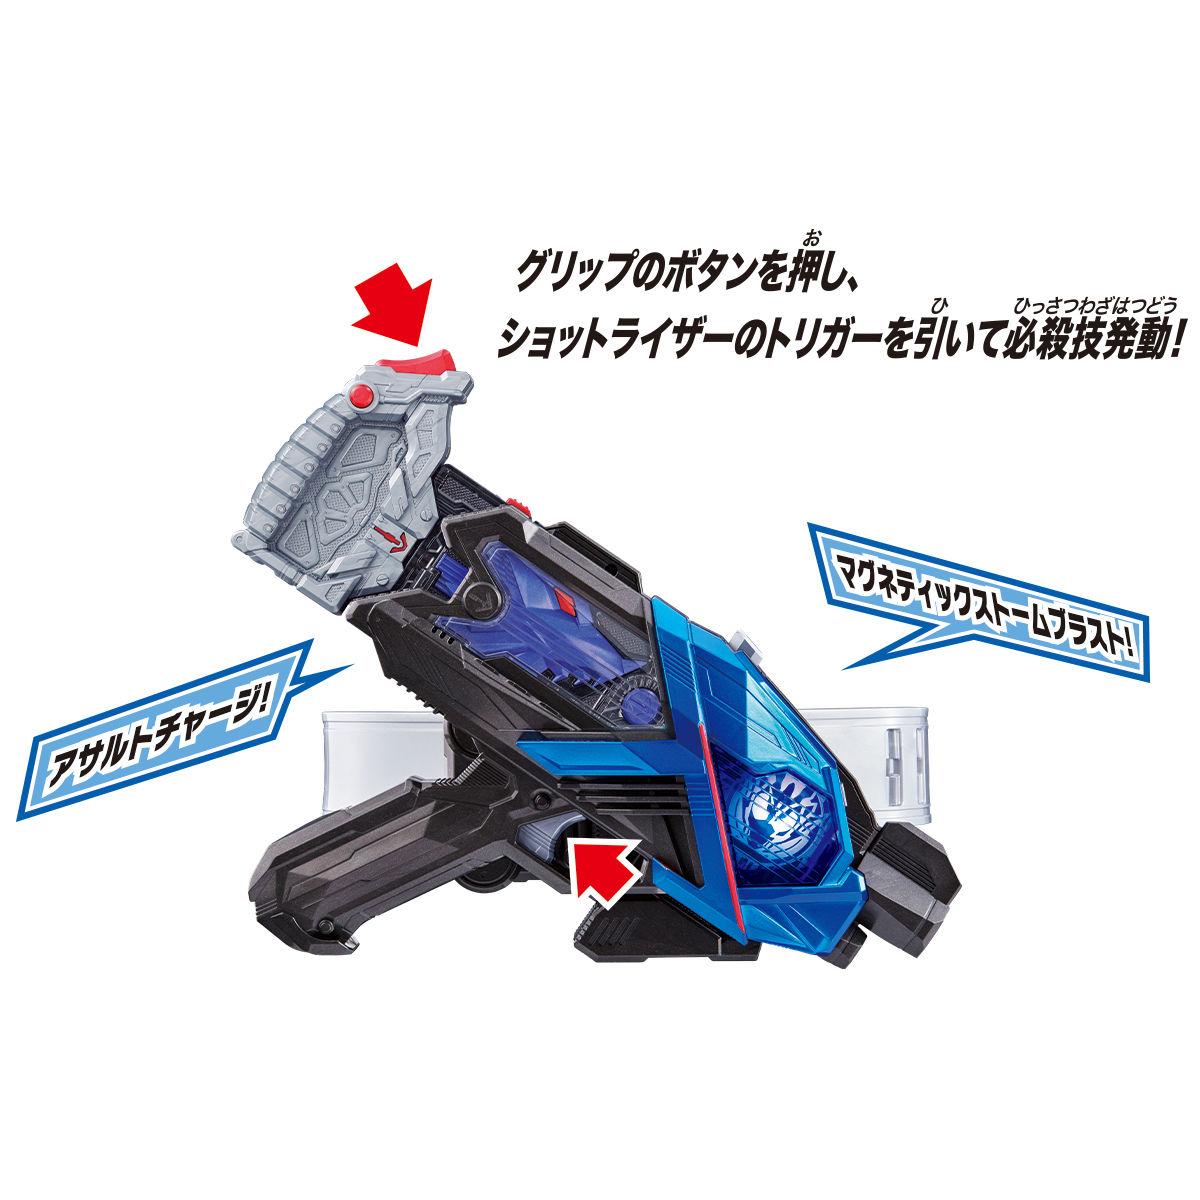 仮面ライダーゼロワン『DXアサルトウルフプログライズキー』変身なりきり-005